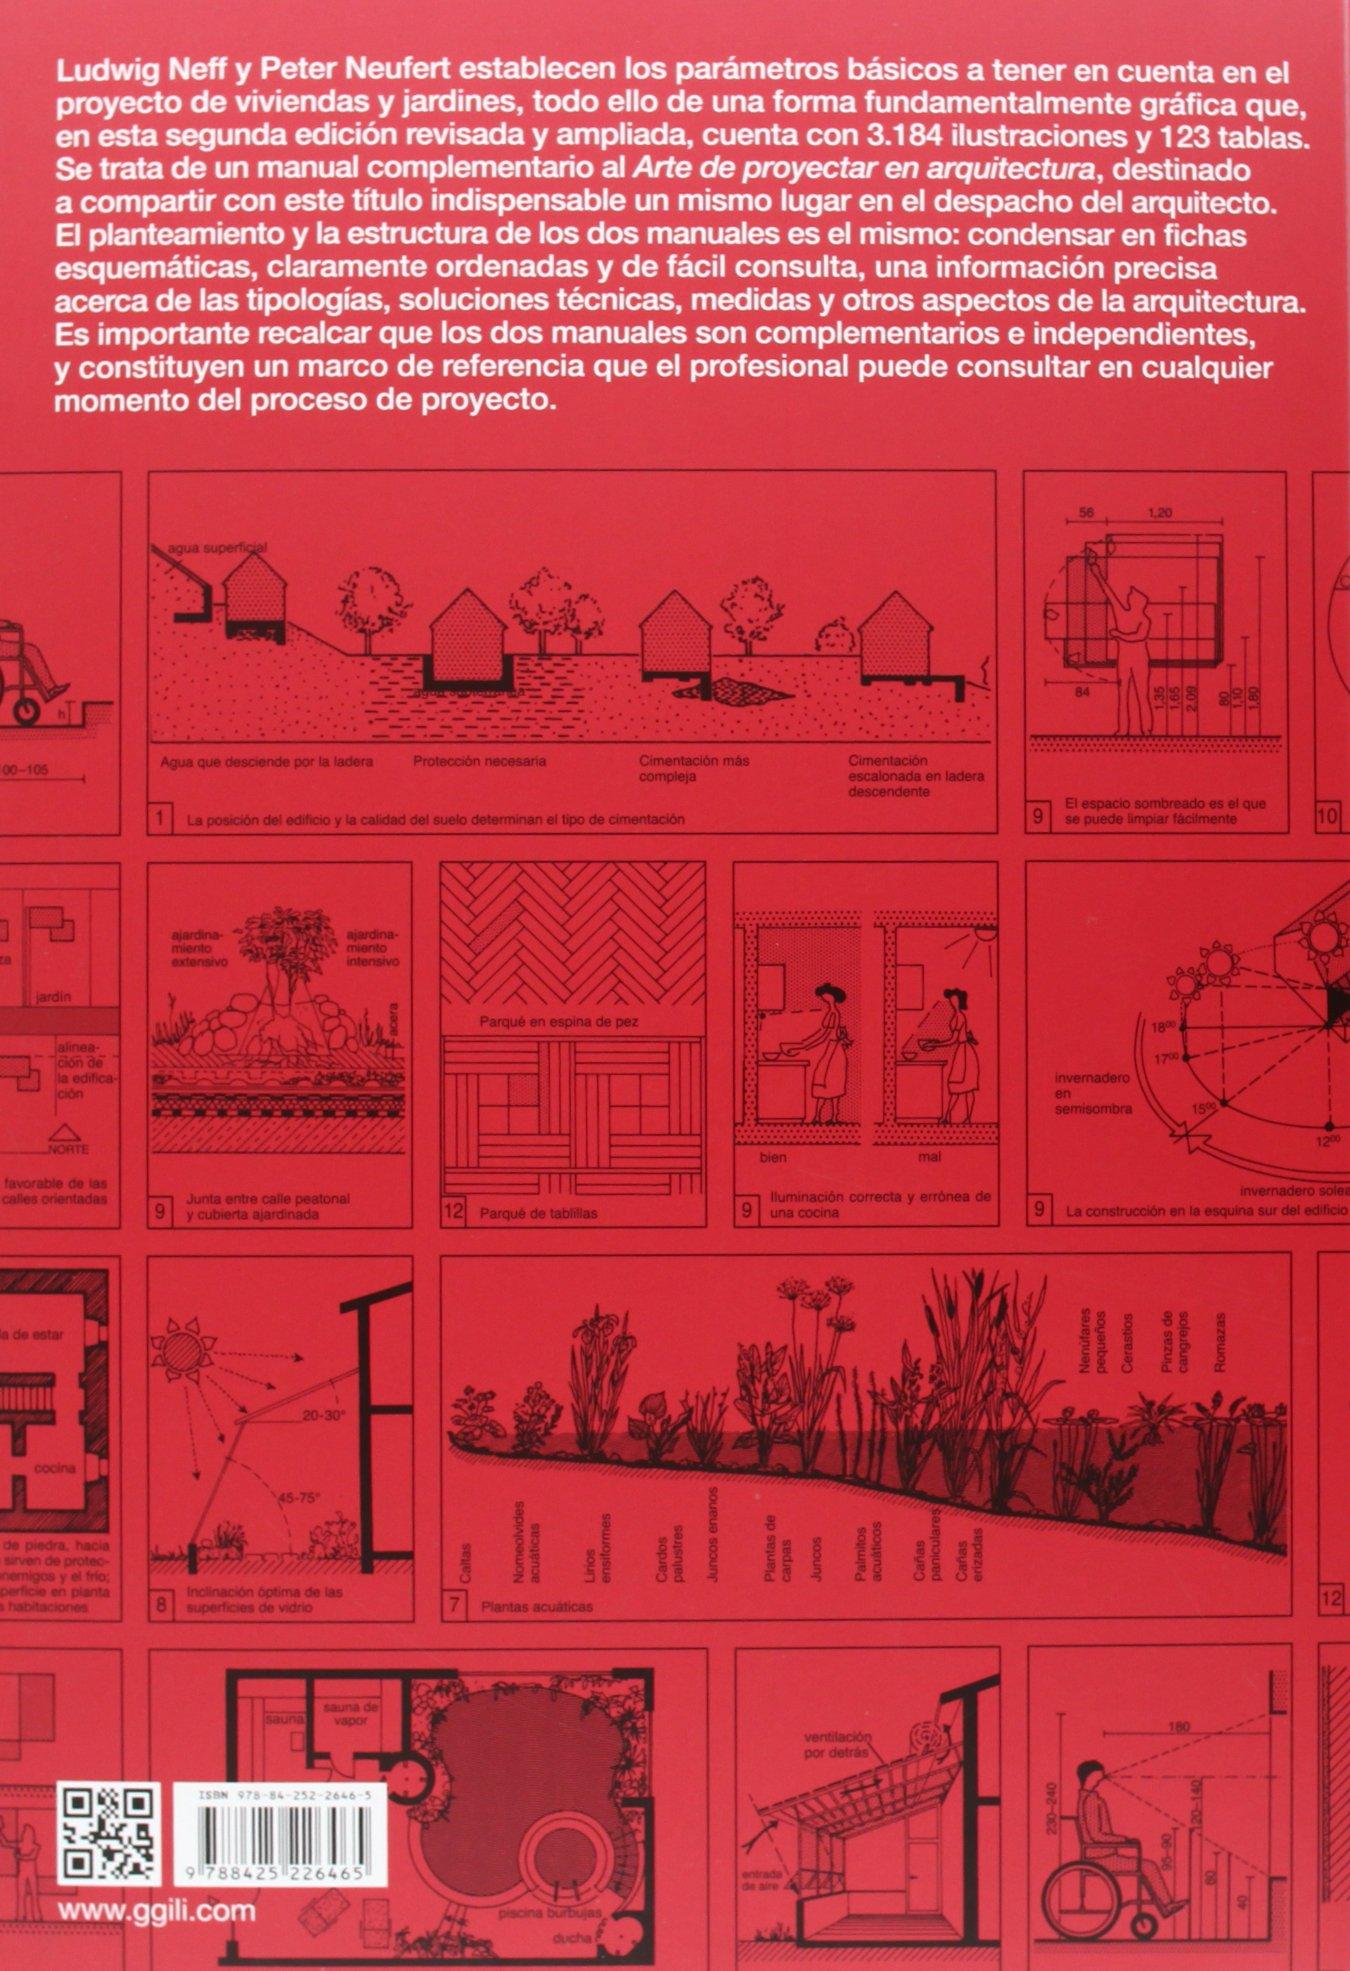 Casa Vivienda Jardín El Proyecto Y Las Medidas En La Construcción Spanish Edition Neufert Peter 9788425226465 Books